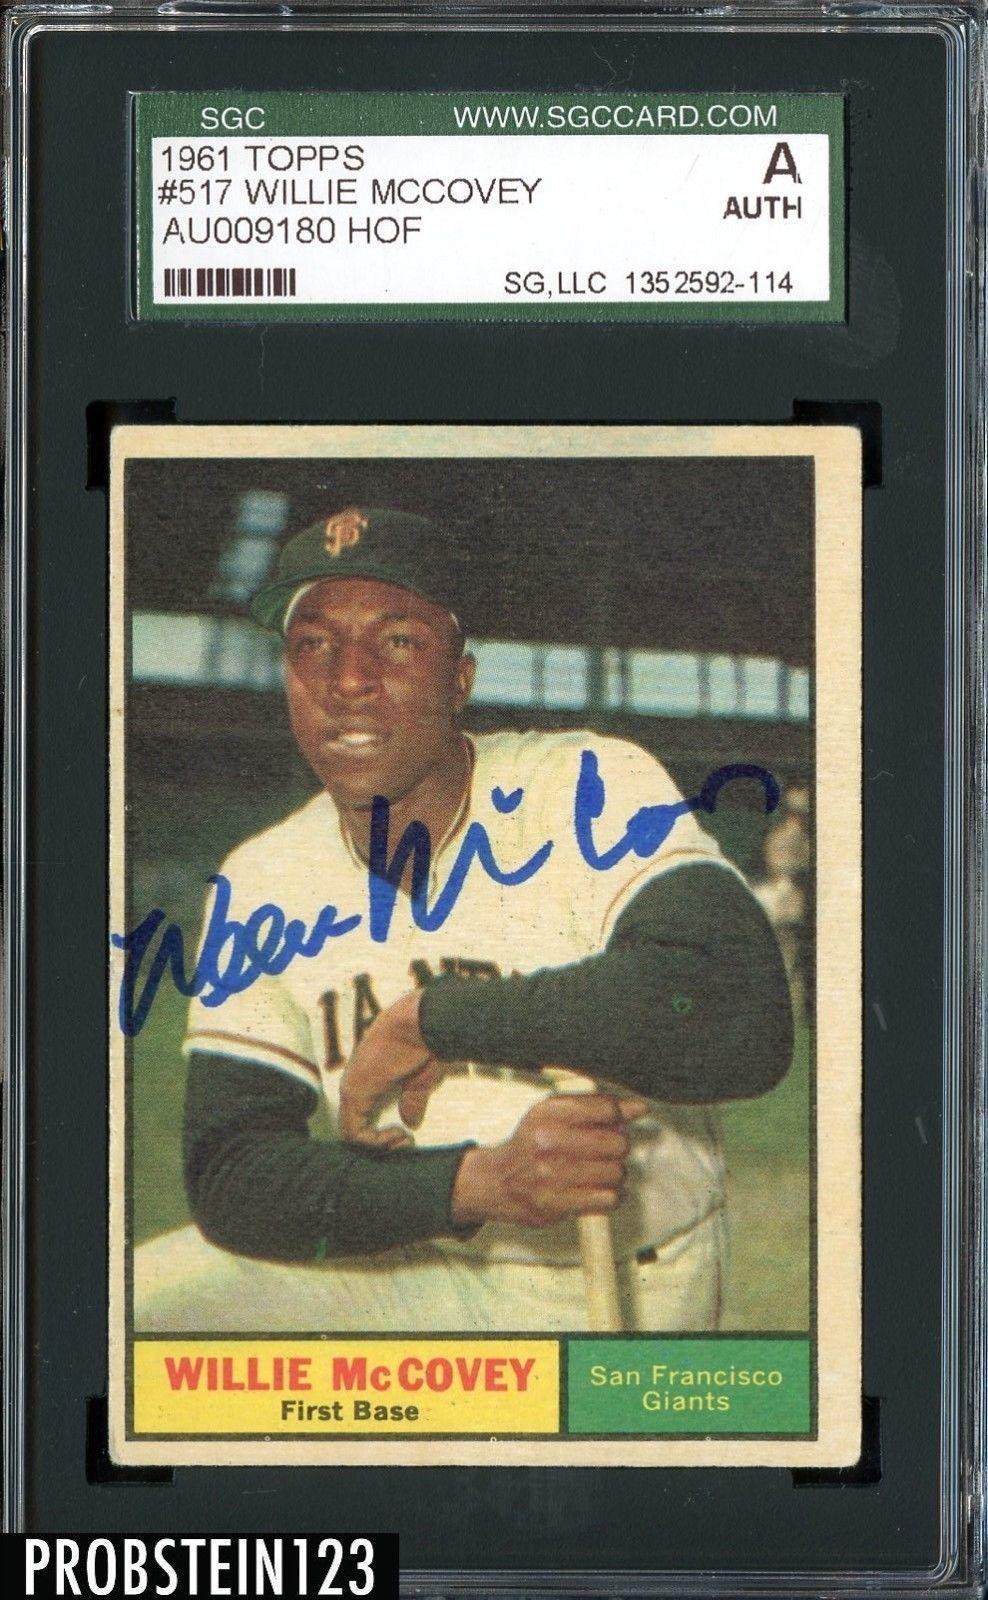 1961 topps baseball cards baseball card values willie